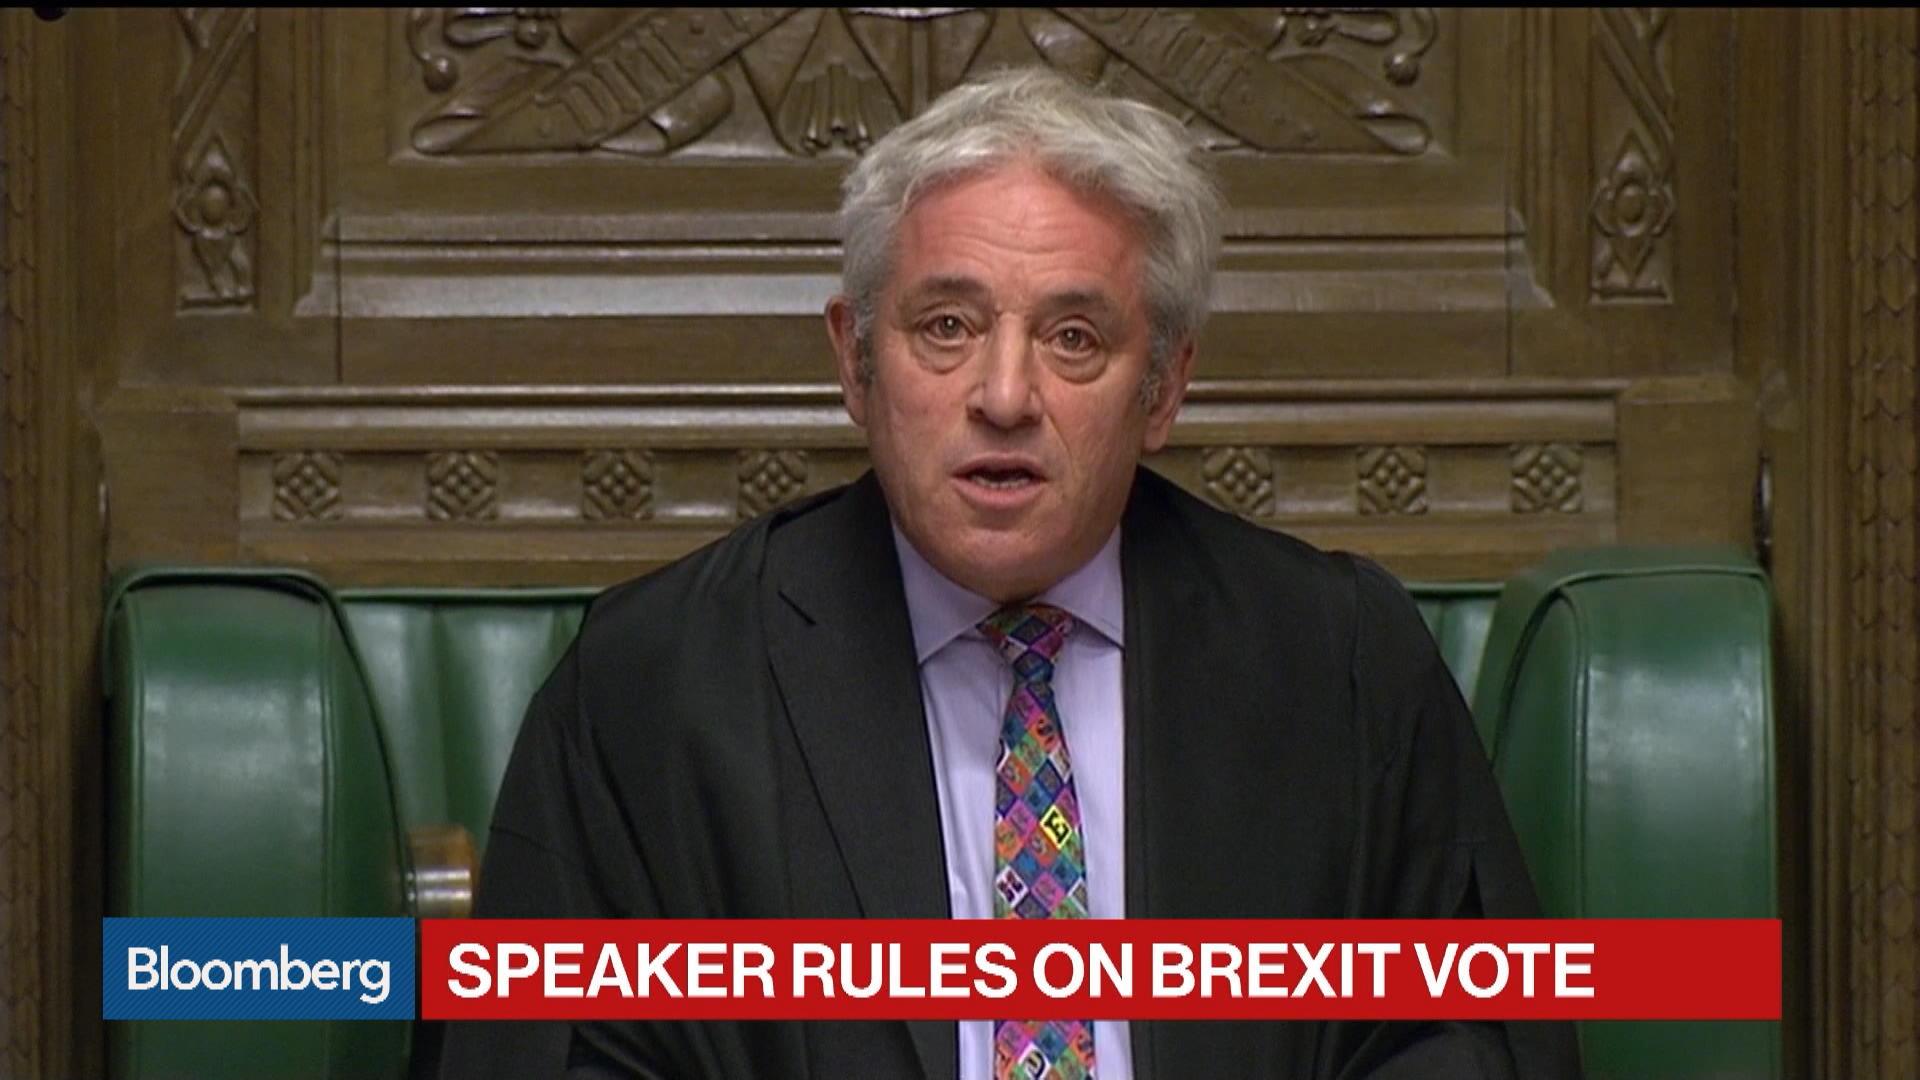 Johnson's Brexit Deal Blocked by U.K. Speaker Bercow Today